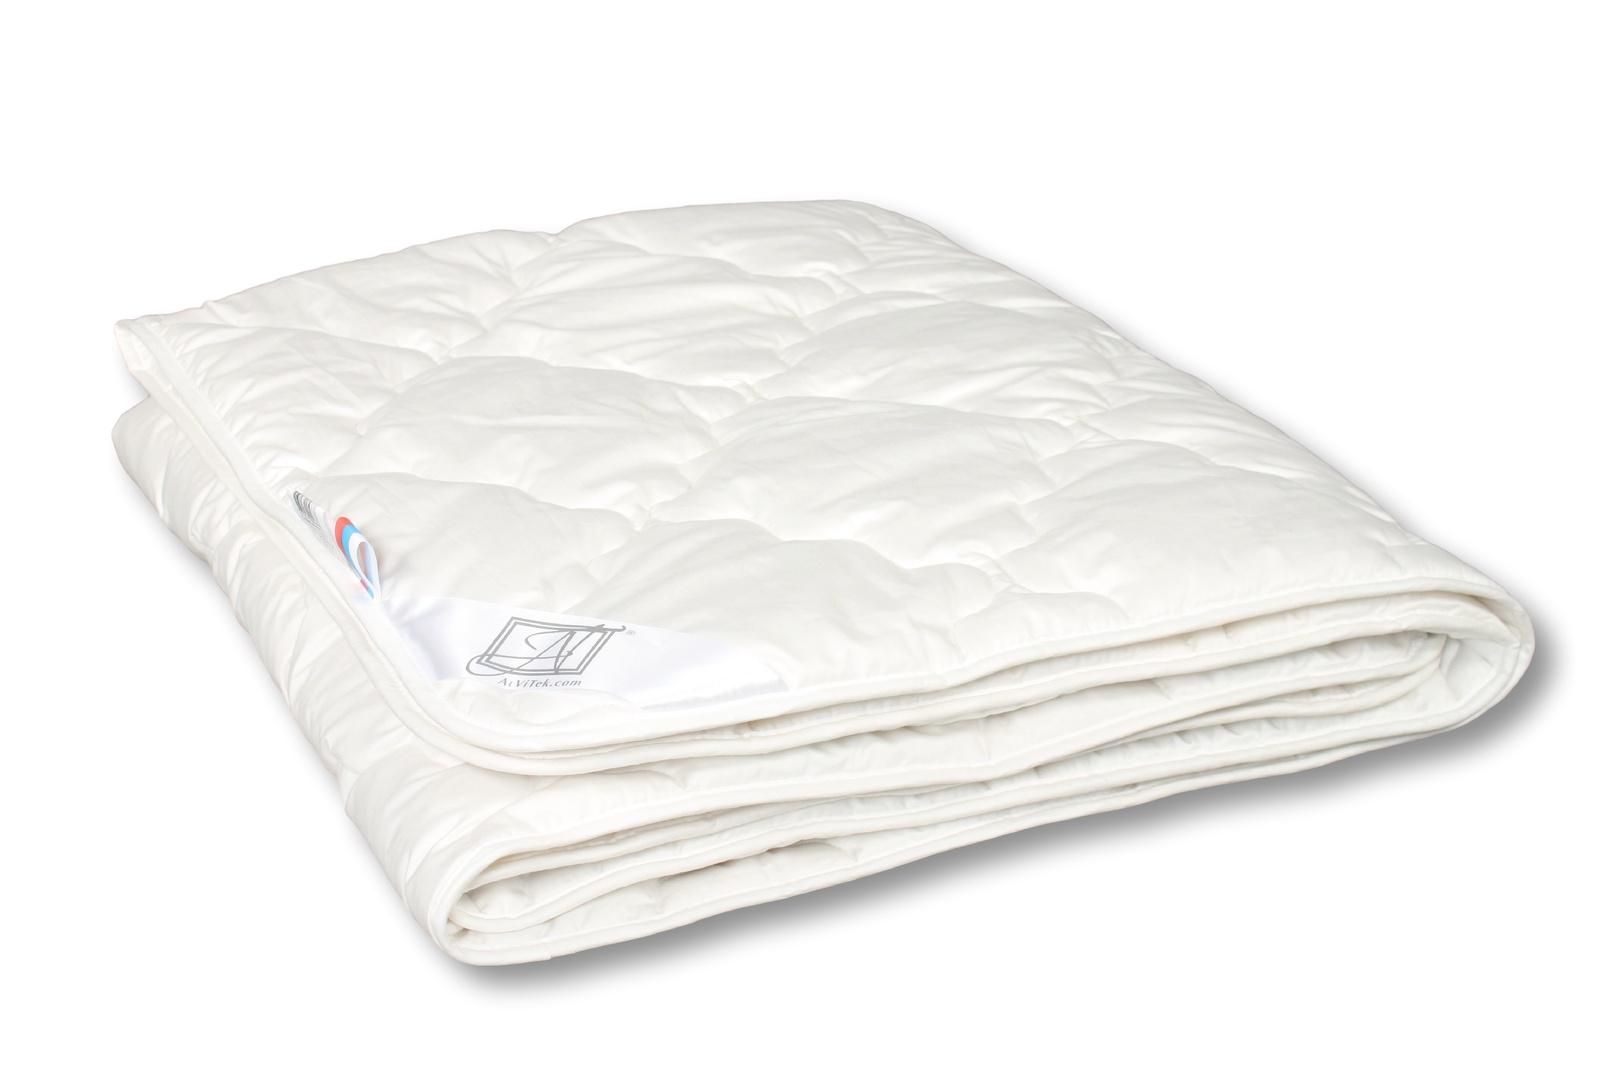 """Одеяло Альвитек """"Кашемир"""" легкое, размер: 140 х 205"""